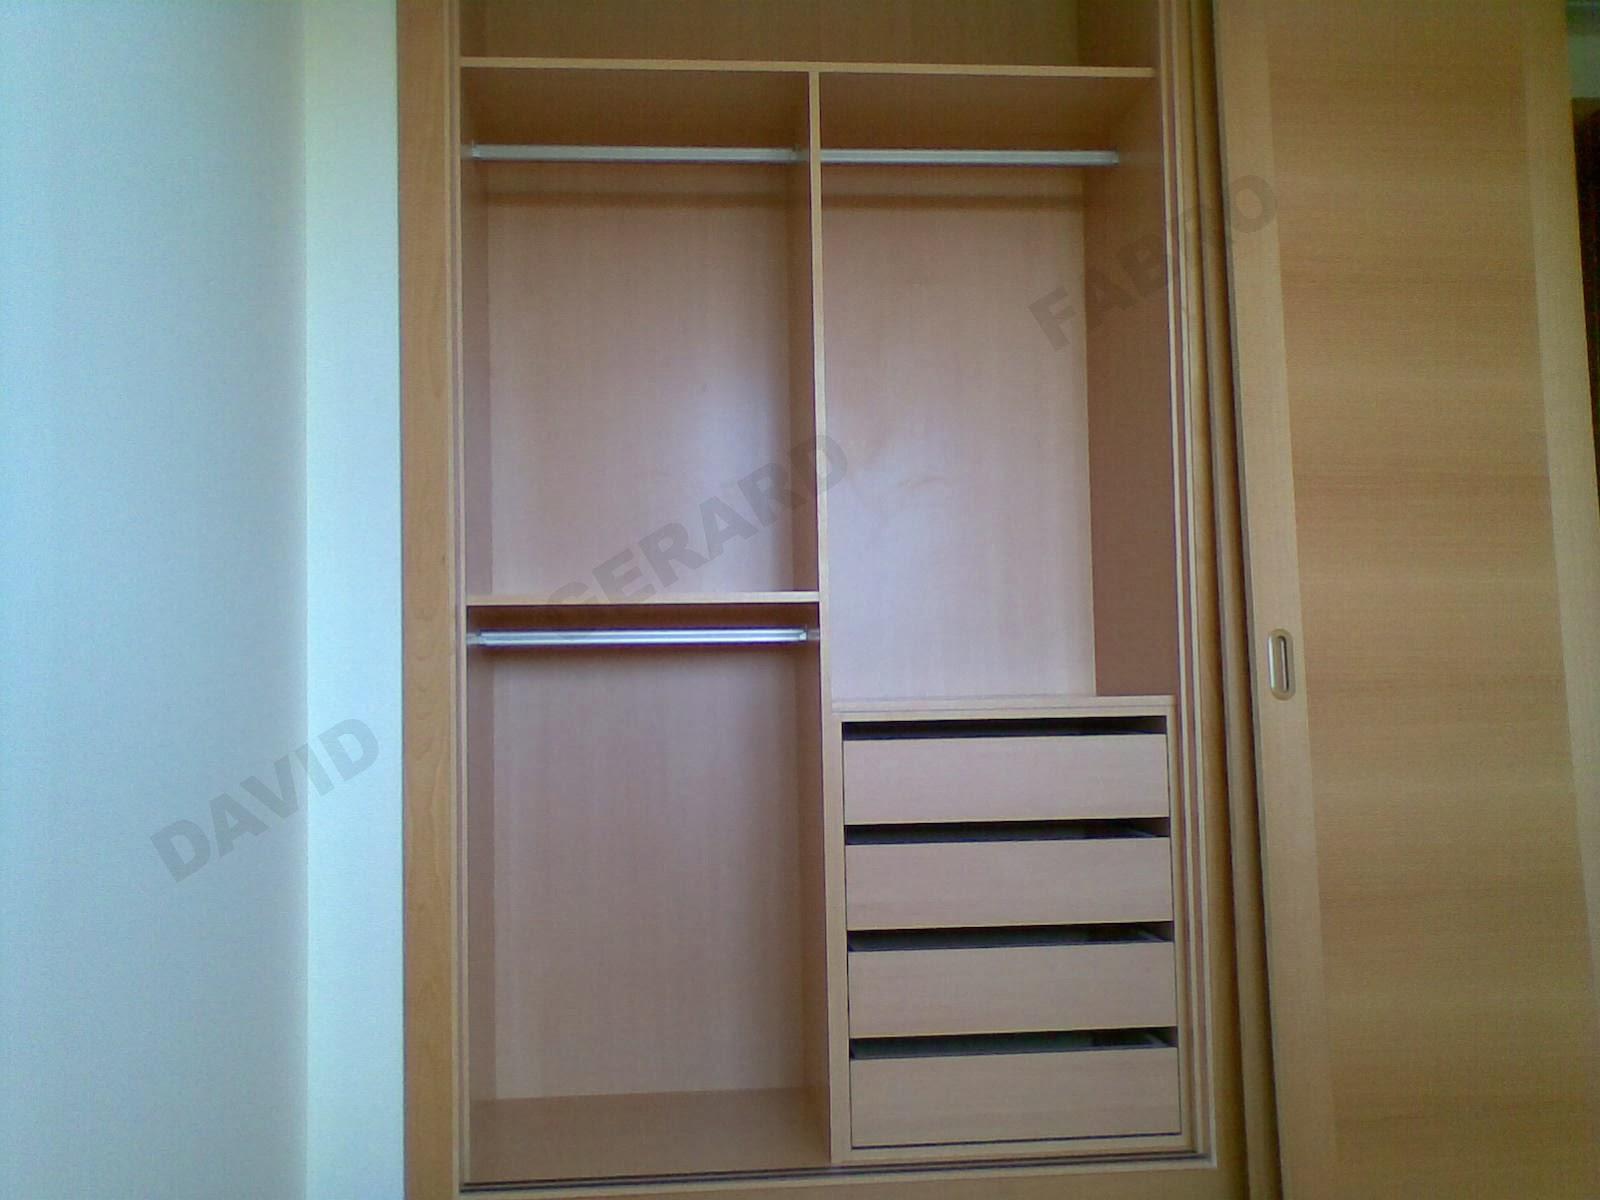 Interior de armario con cajonera todo en carpinter a - Cajoneras interior armario ...